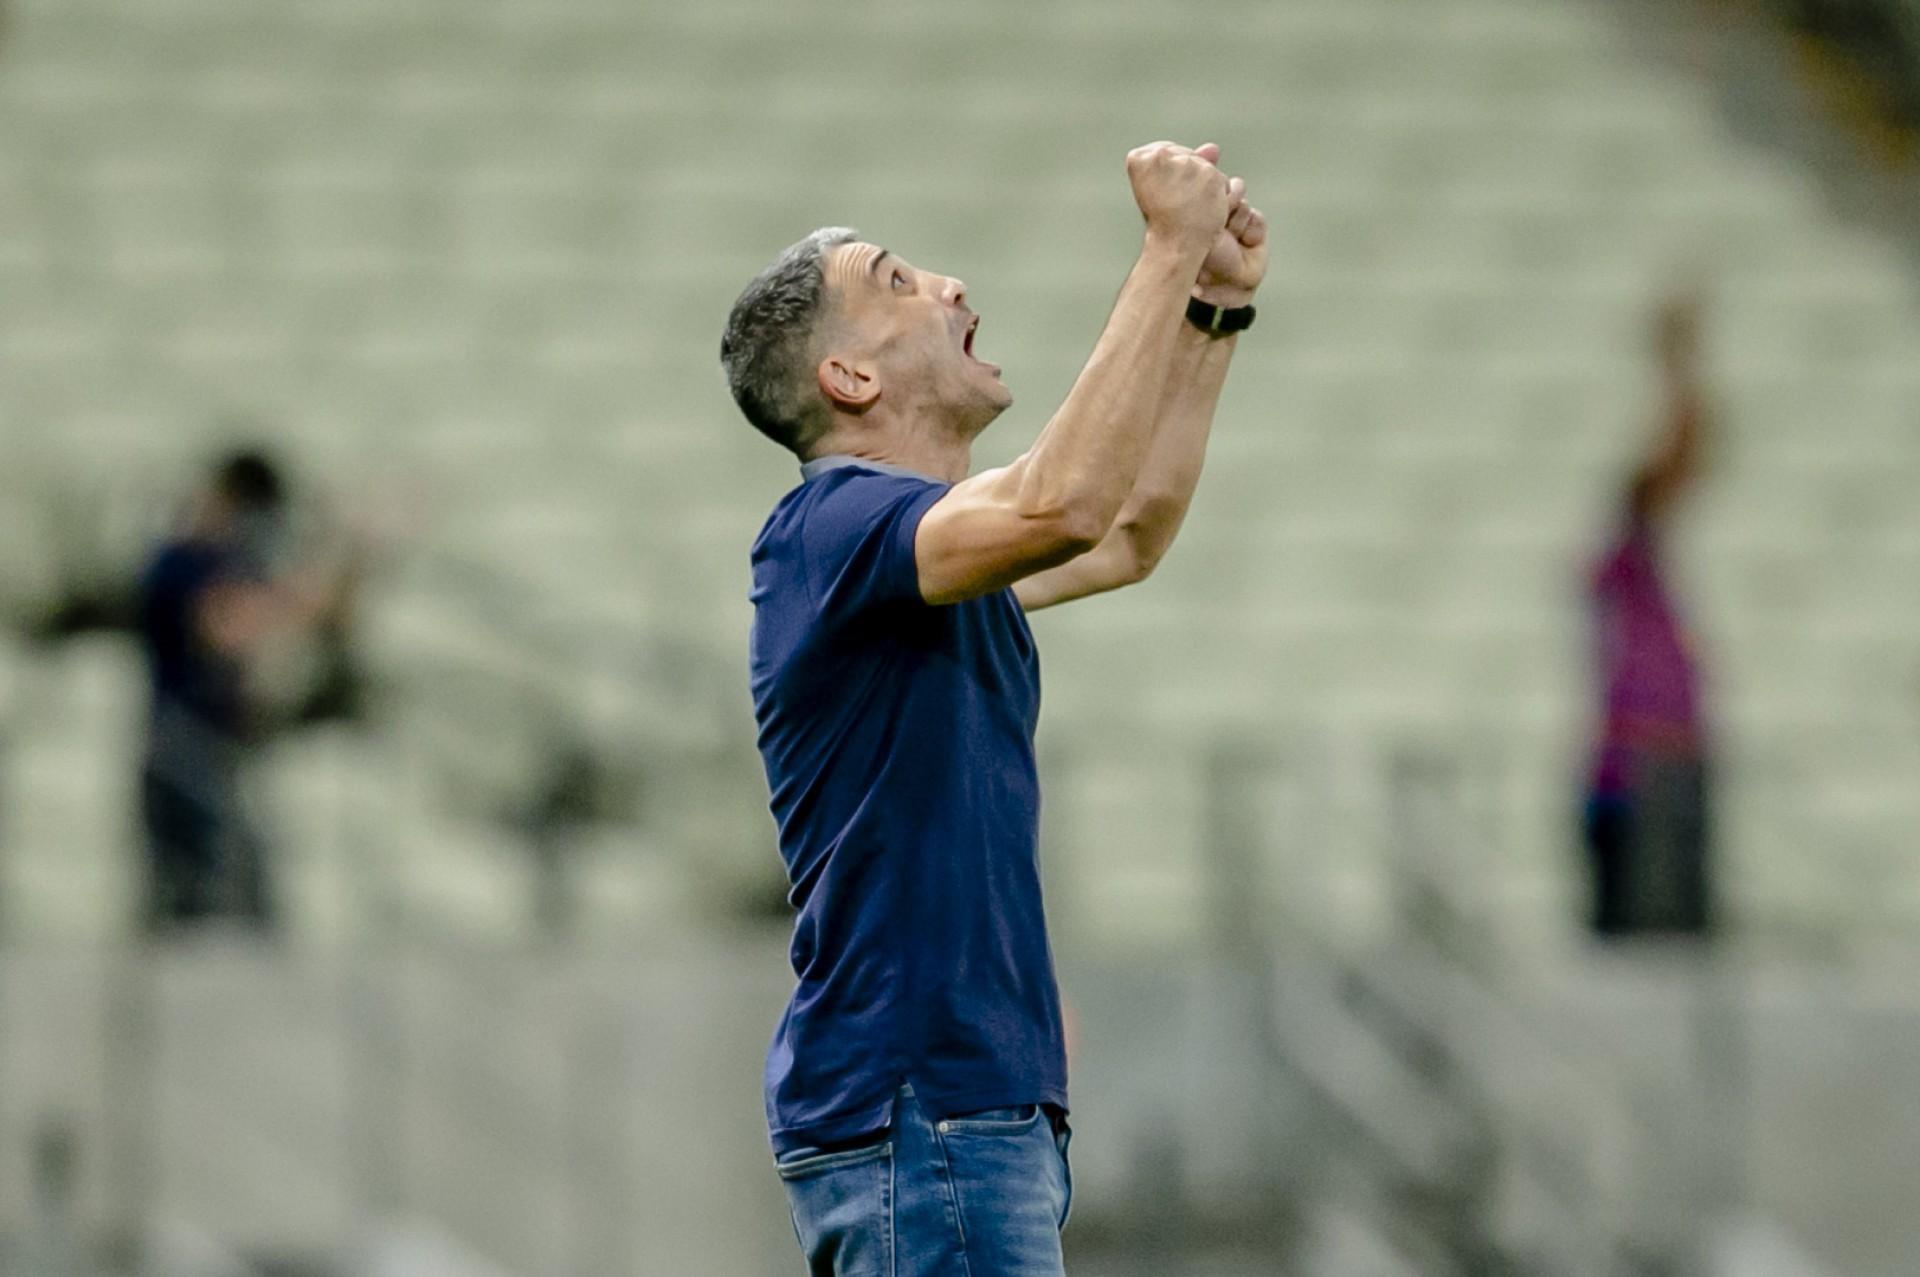 Técnico do Fortaleza, Vojvoda comemora primeira vitória diante da torcida do clube (Foto: Aurelio Alves)